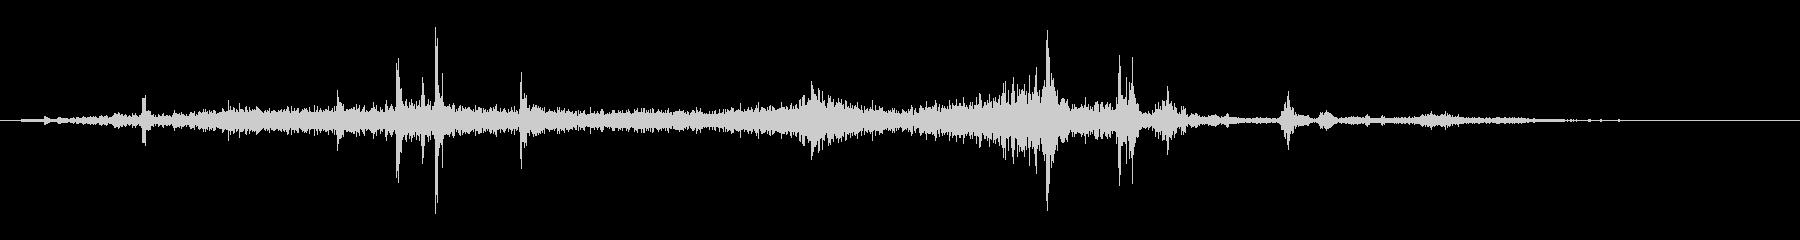 薄い紙をめくる効果音の未再生の波形